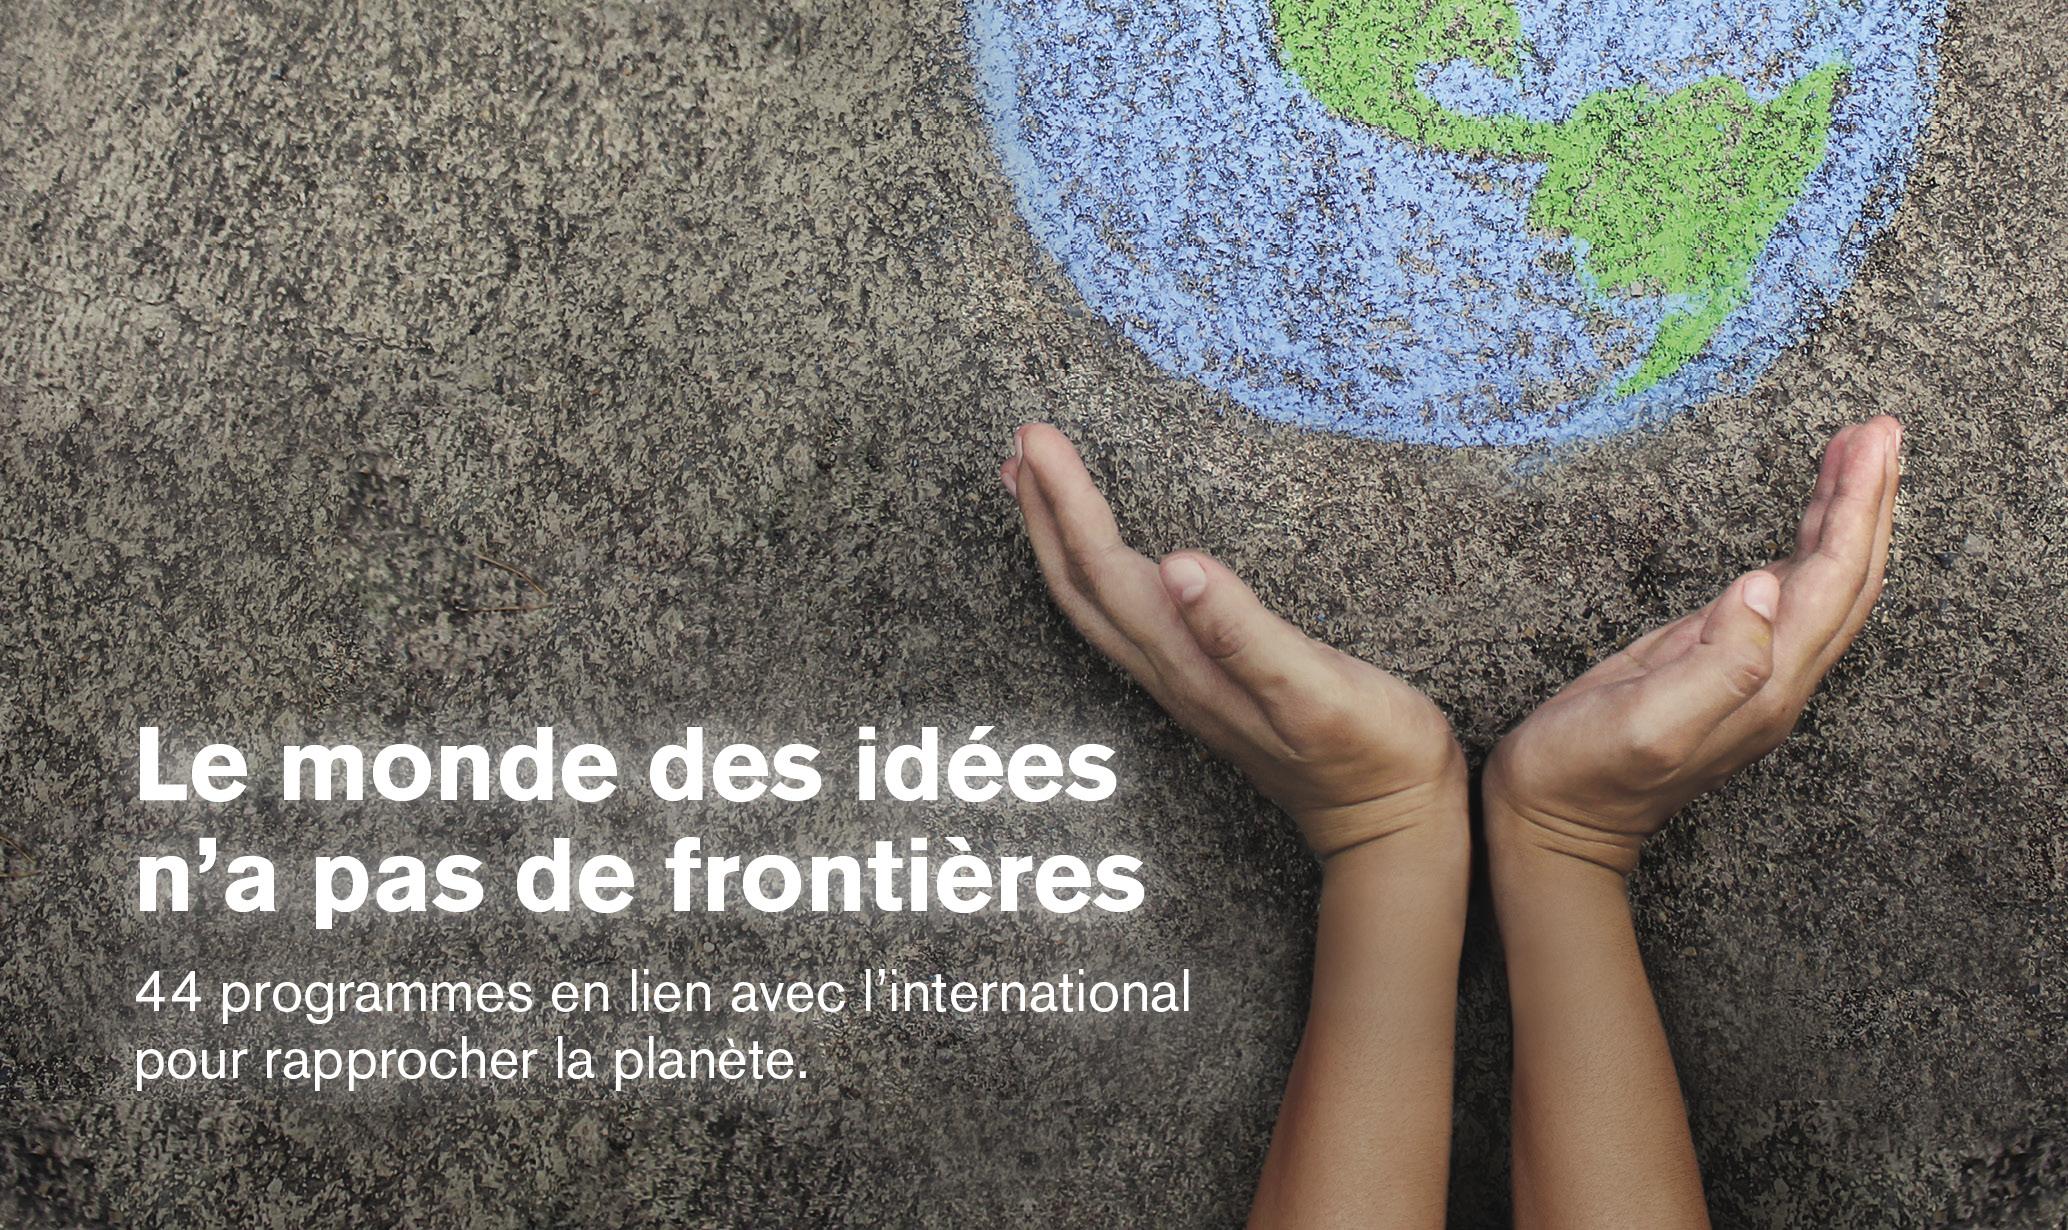 Le monde des idées n'a pas de frontières | 44 programmes en lien avec l'international pour rapprocher la planète.